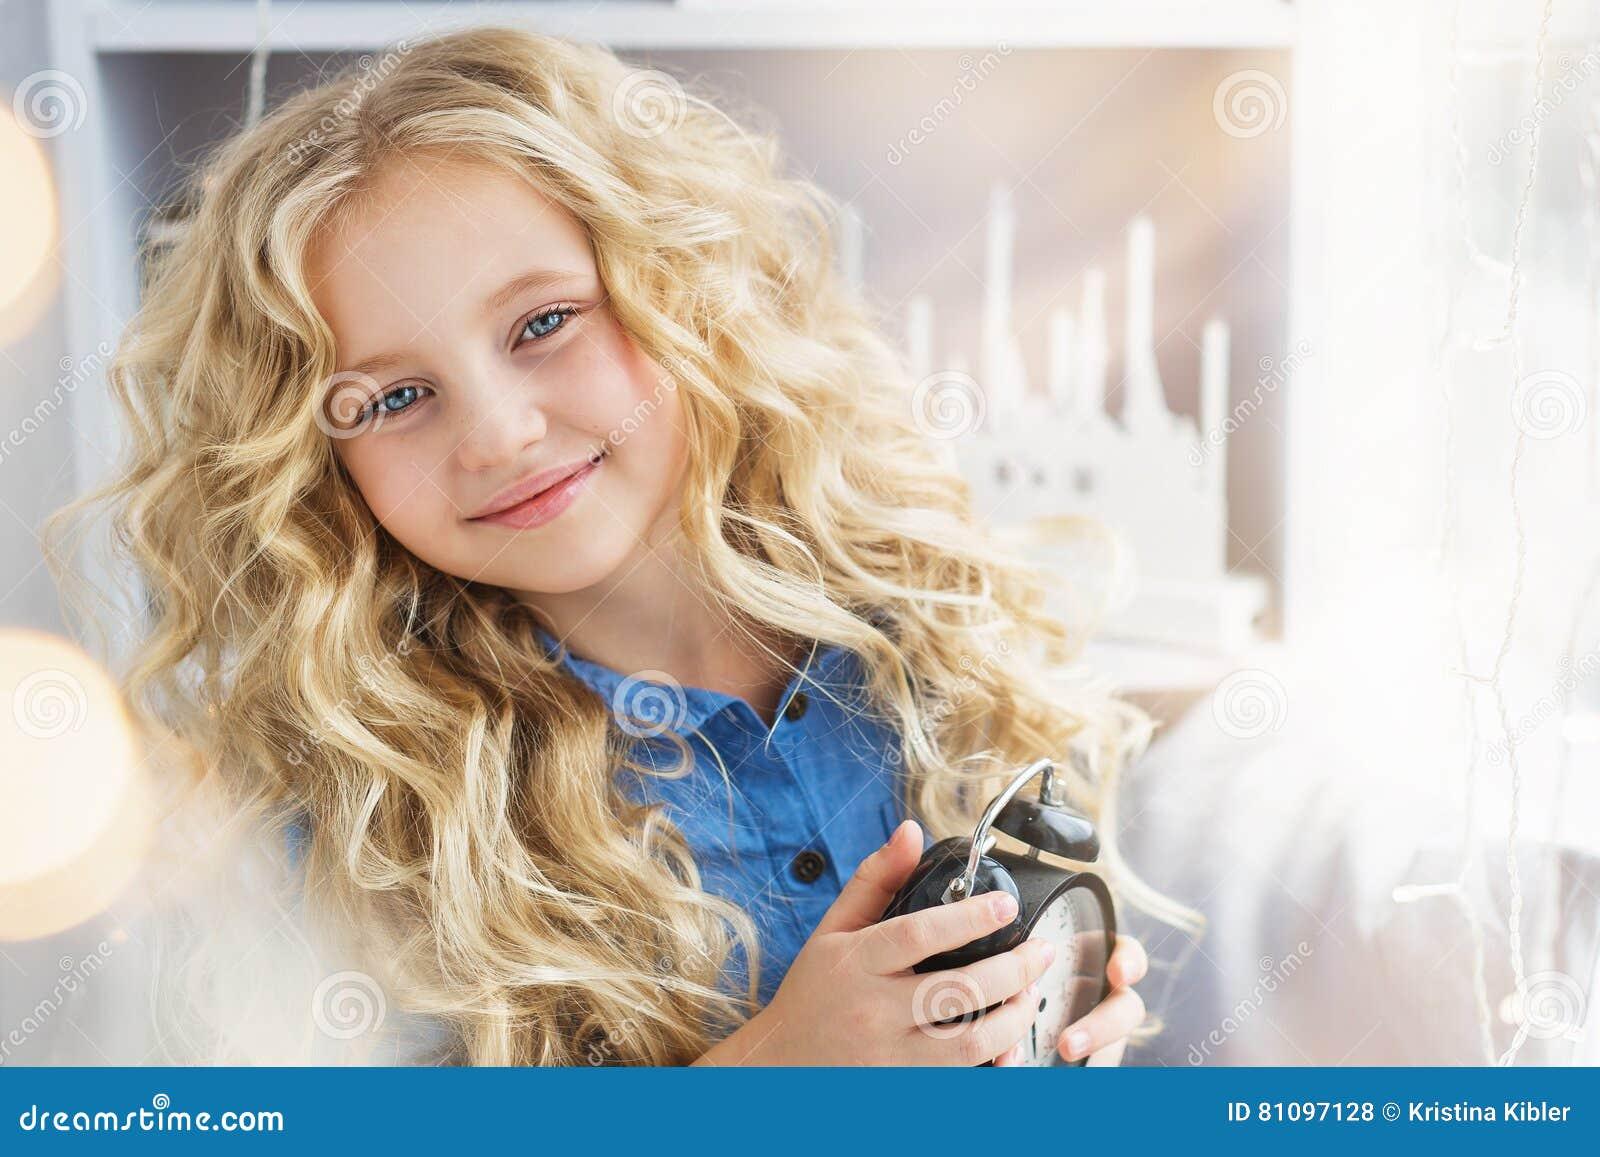 Portrait du sourire fille assez petite avec une horloge aux mains près de la fenêtre